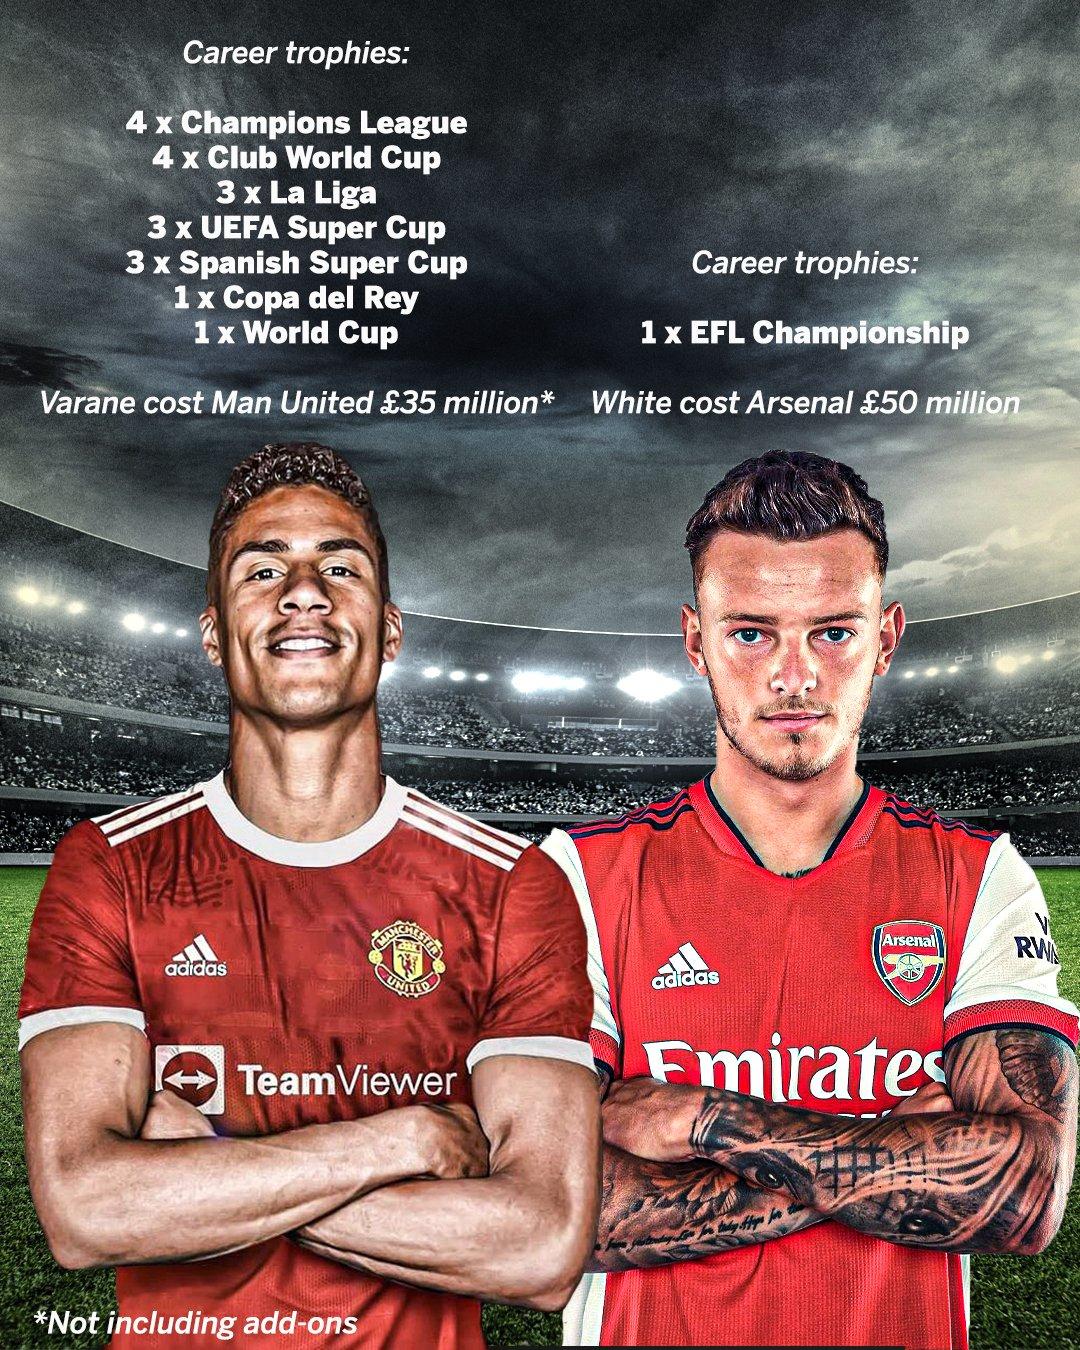 การเปรียบเทียบถ้วยรางวัลที่ชนะและค่าธรรมเนียมการโอนถูกกำหนดทันทีหลังจากที่ Arsenal และ Man Utd เสร็จสิ้นการสรรหา White และ Varane